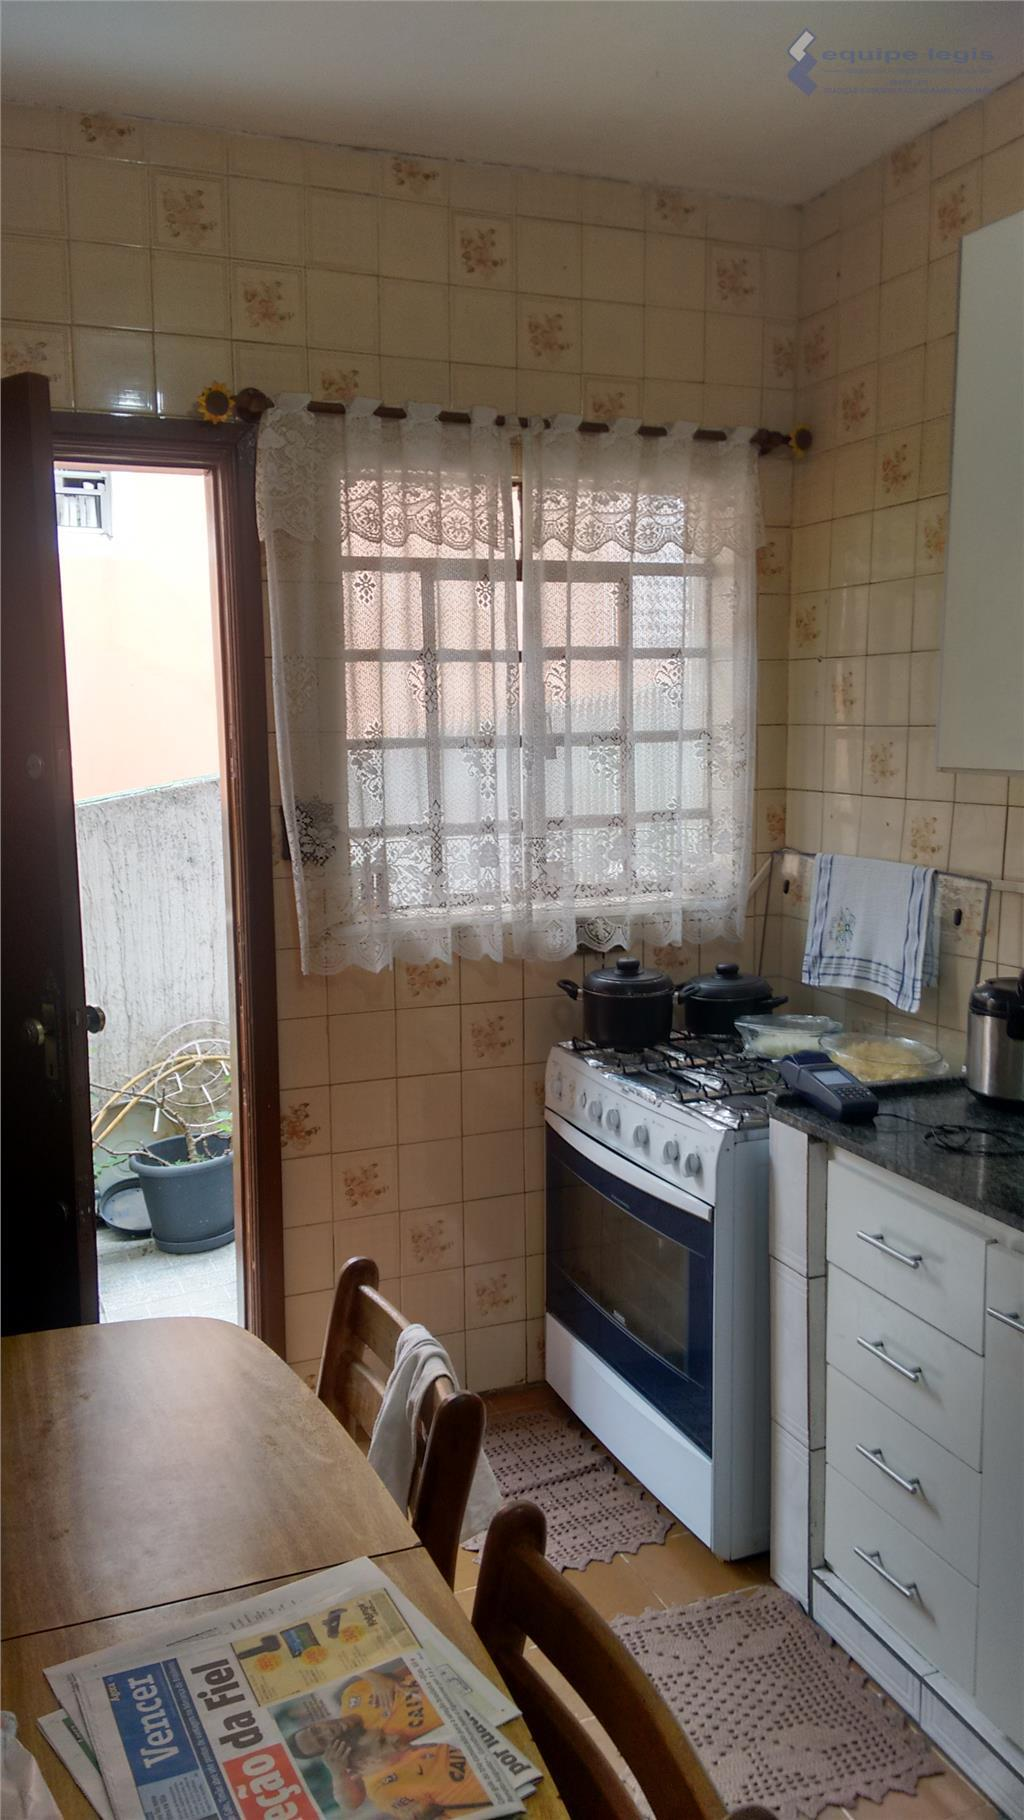 1 casa: 4 dormitórios, sendo 1 suíte, sala, cozinha, banheiro, área de serviço, churrasqueira - 2...